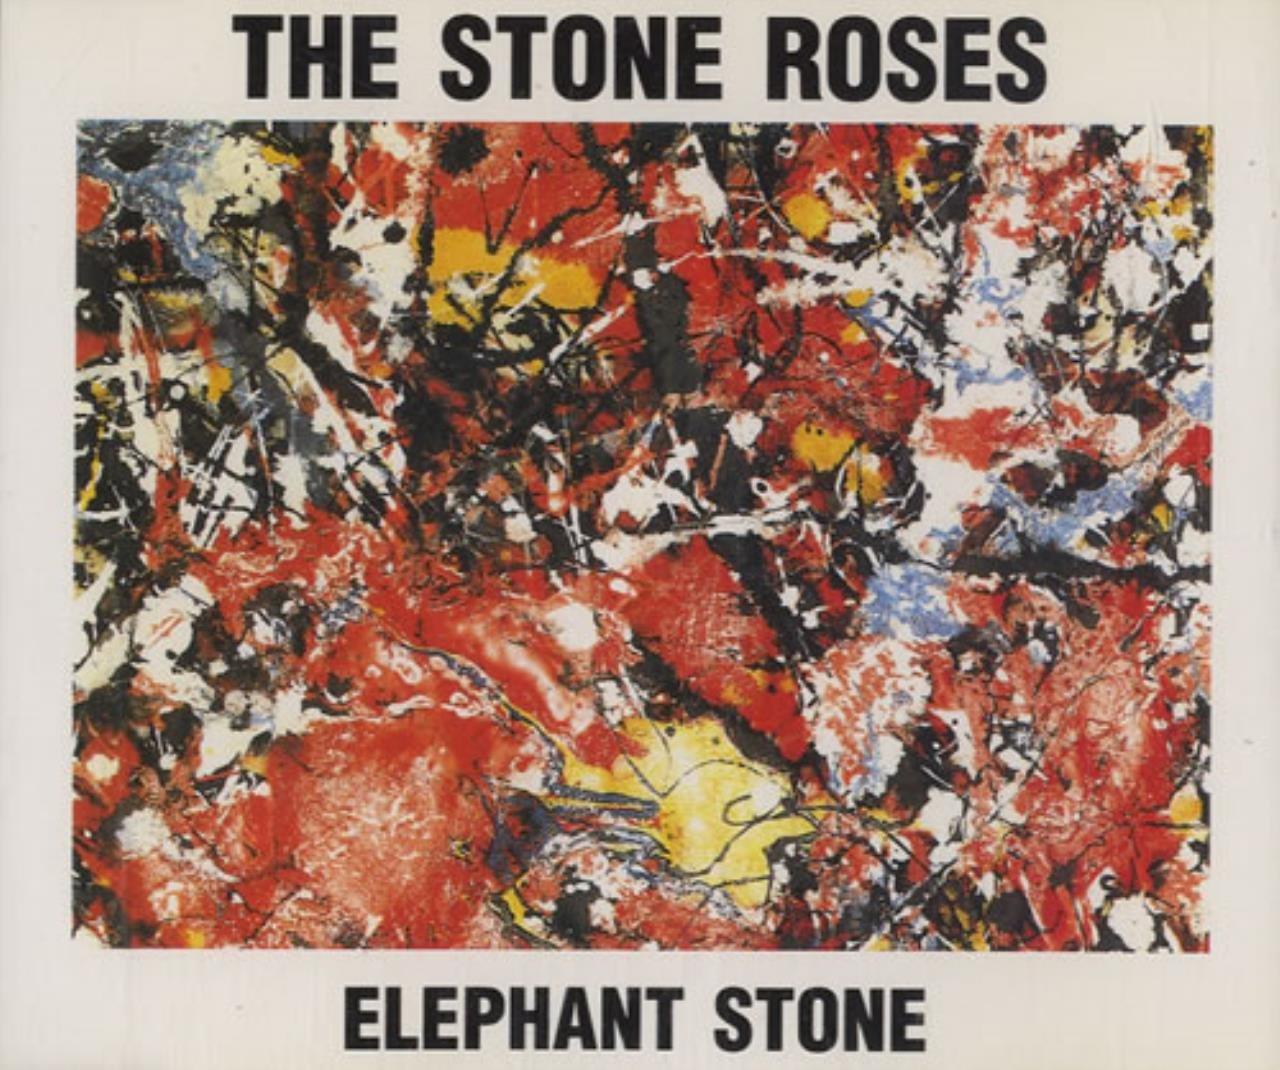 A2, 59,4 x 42 cm P/óster de reproducci/ón de The Stone Roses Elephant Stone